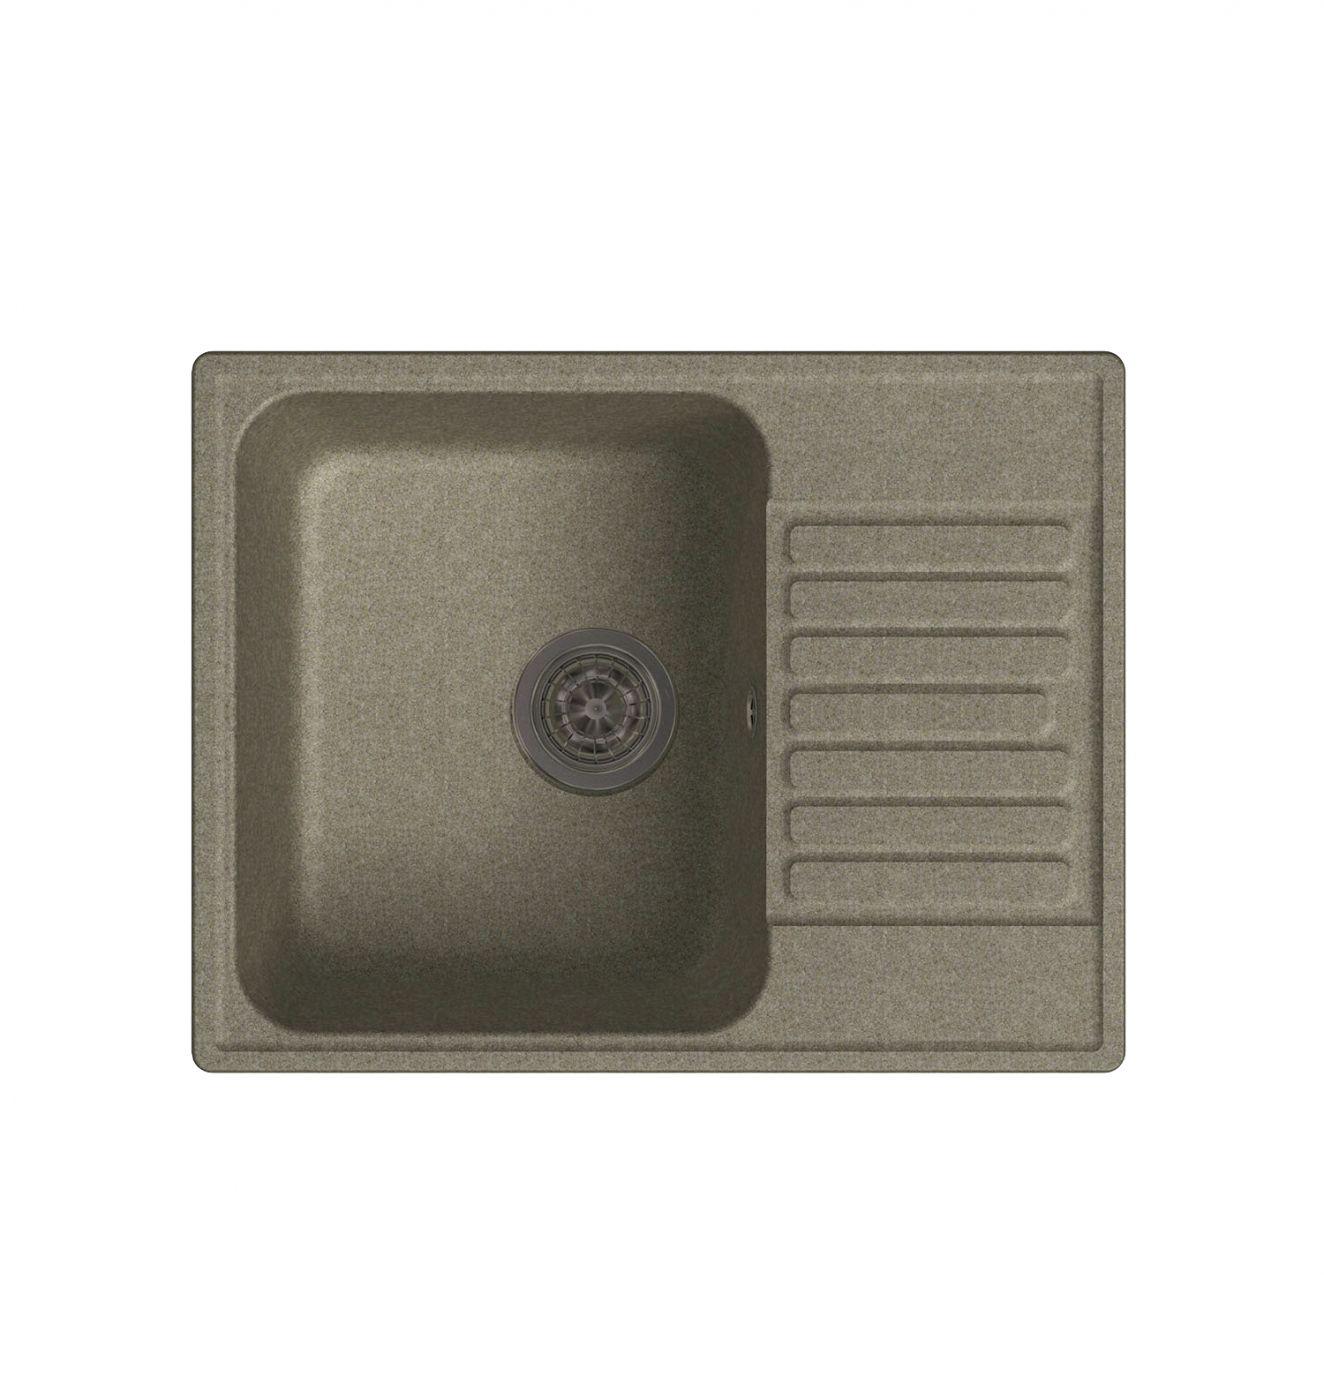 Врезная кухонная мойка LEX Garda 620 Sand 62х48см полимер RULE000017